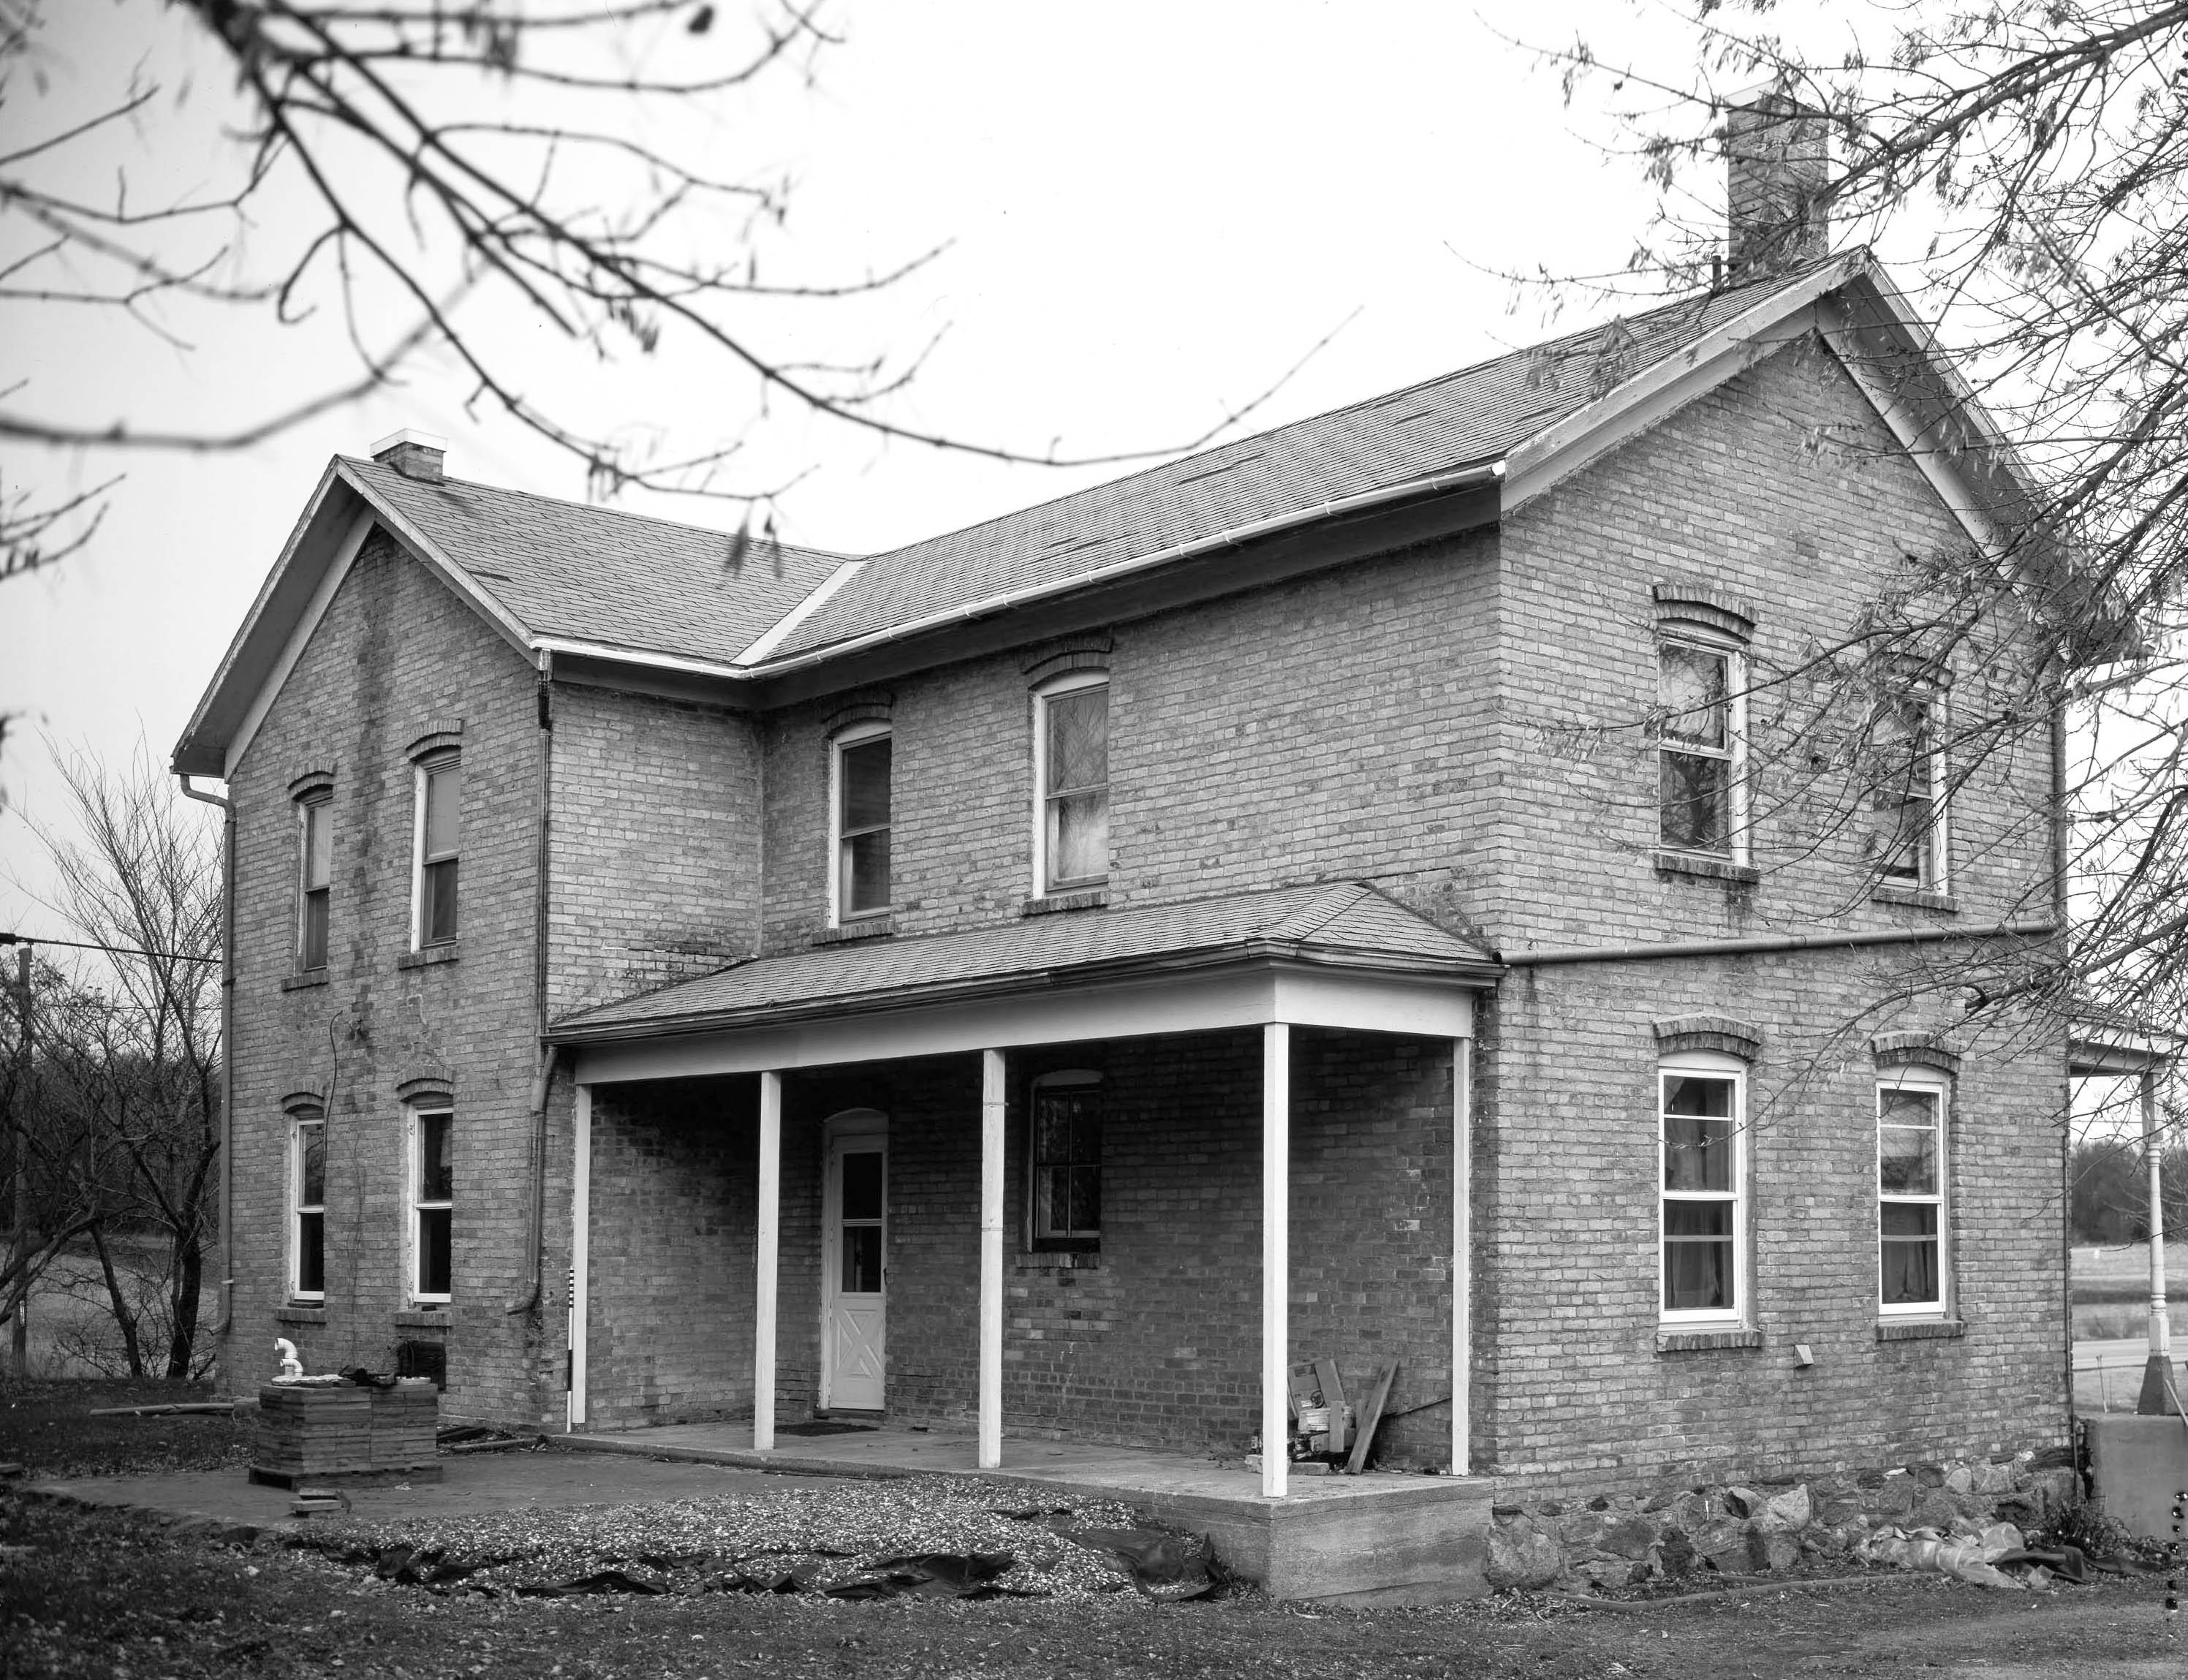 Joseph Hegerle House (1880s) Chaska, Minnesota